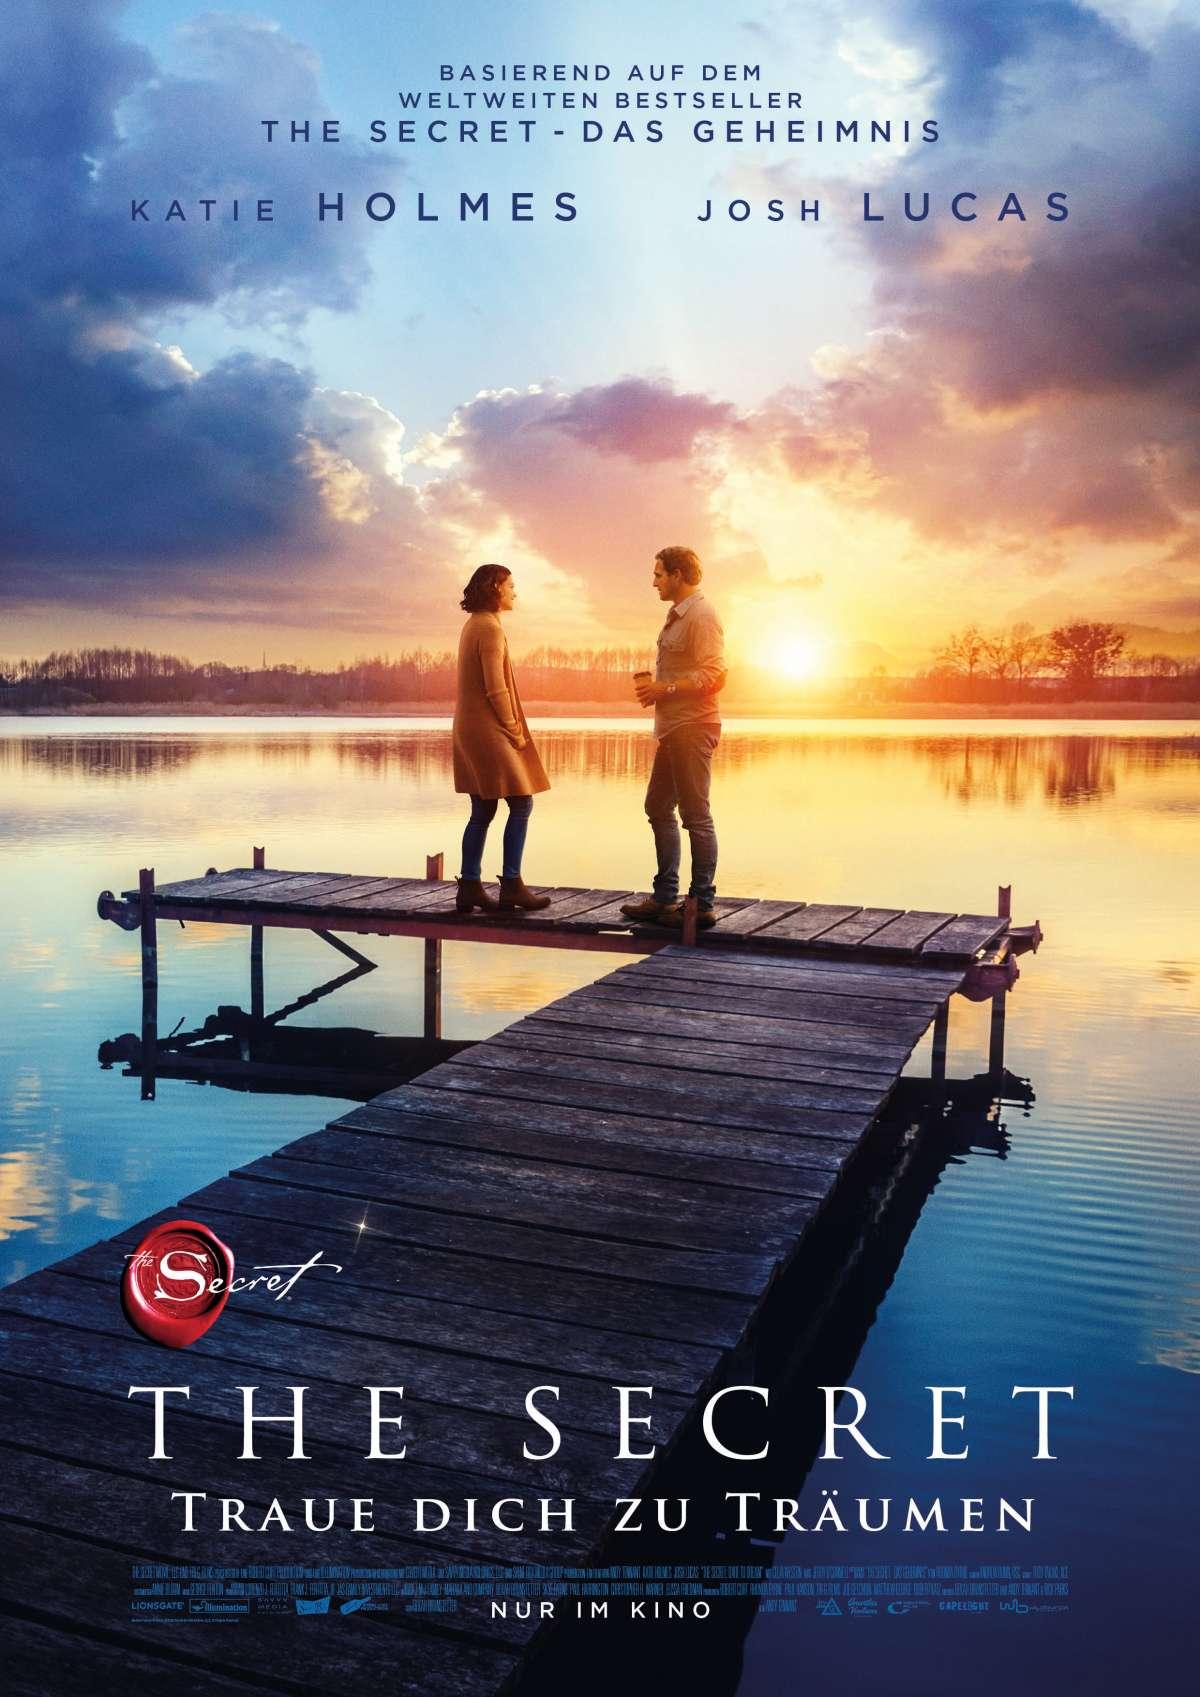 The Secret - Traue Dich zu träumen - Cineplex  - Kassel